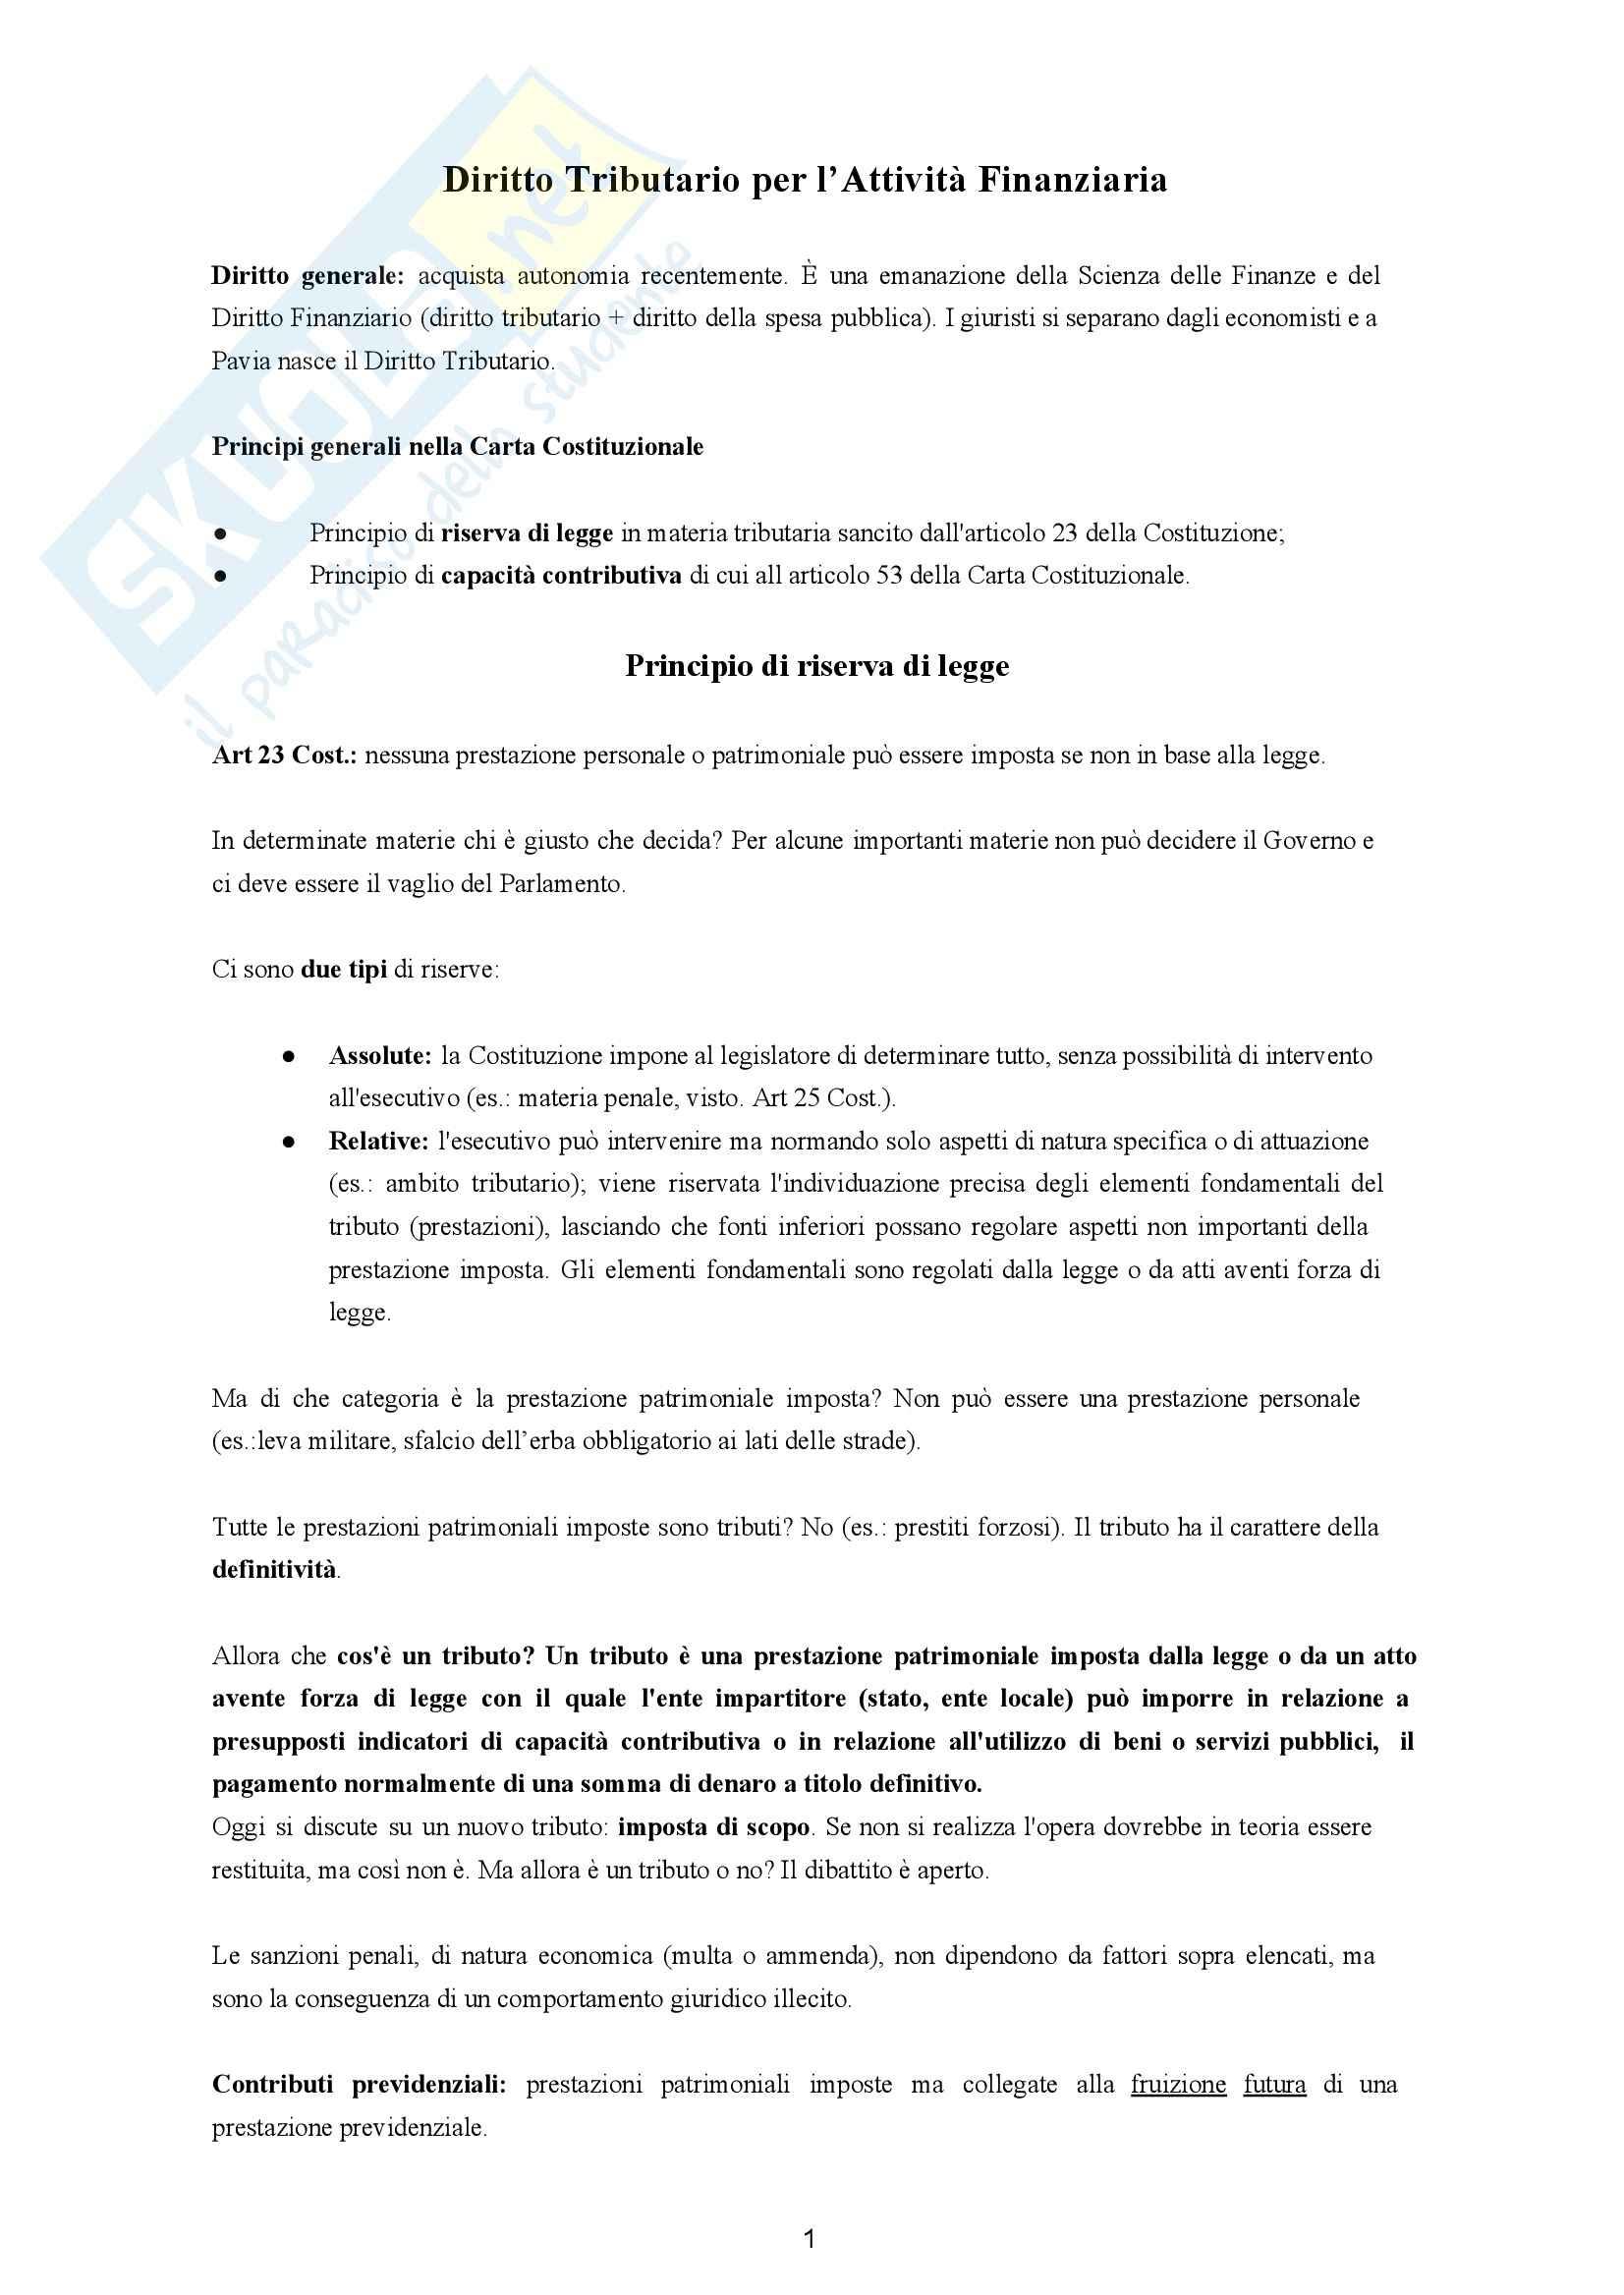 Appunti di Diritto Tributario per l'Attività Finanziaria 2013